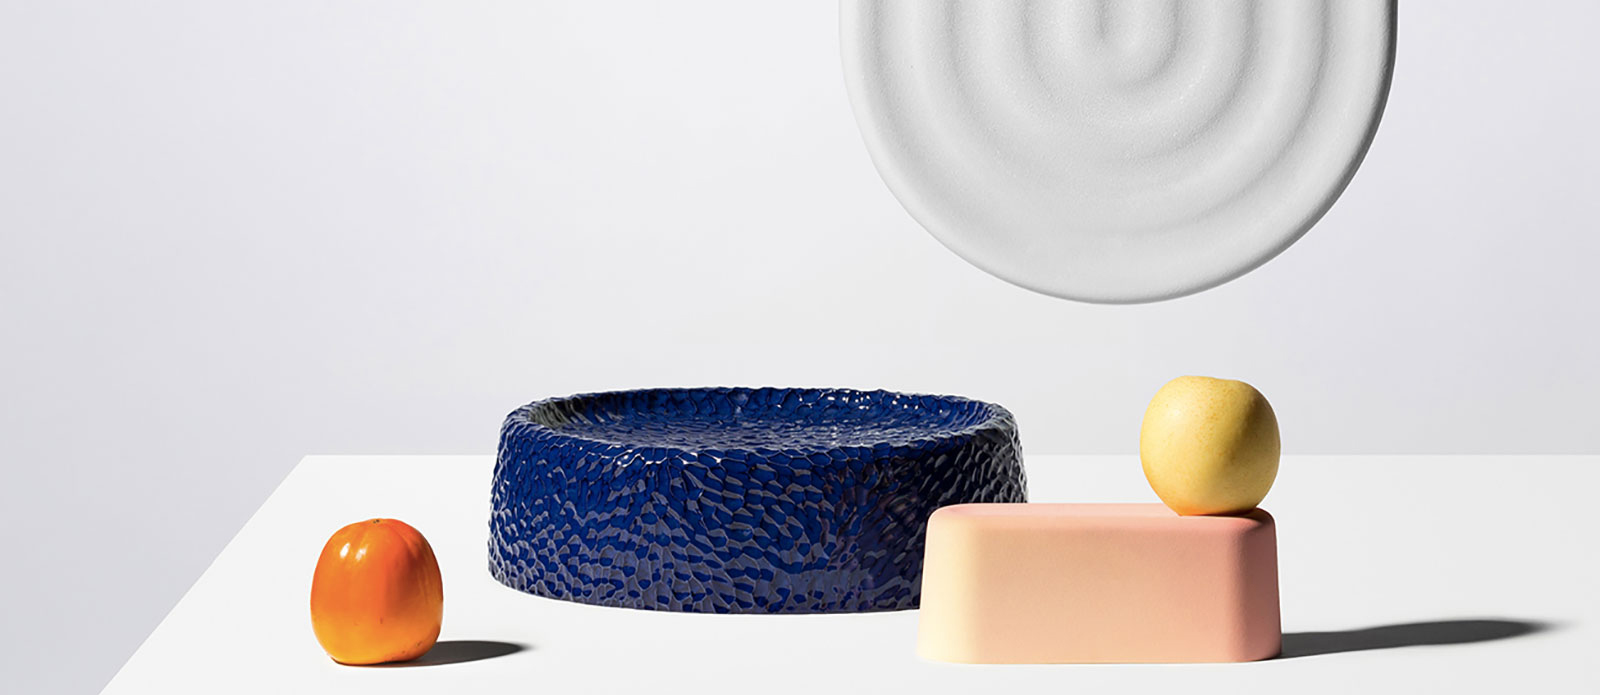 La colorida experimentación cerámica de Dimitri Bähler